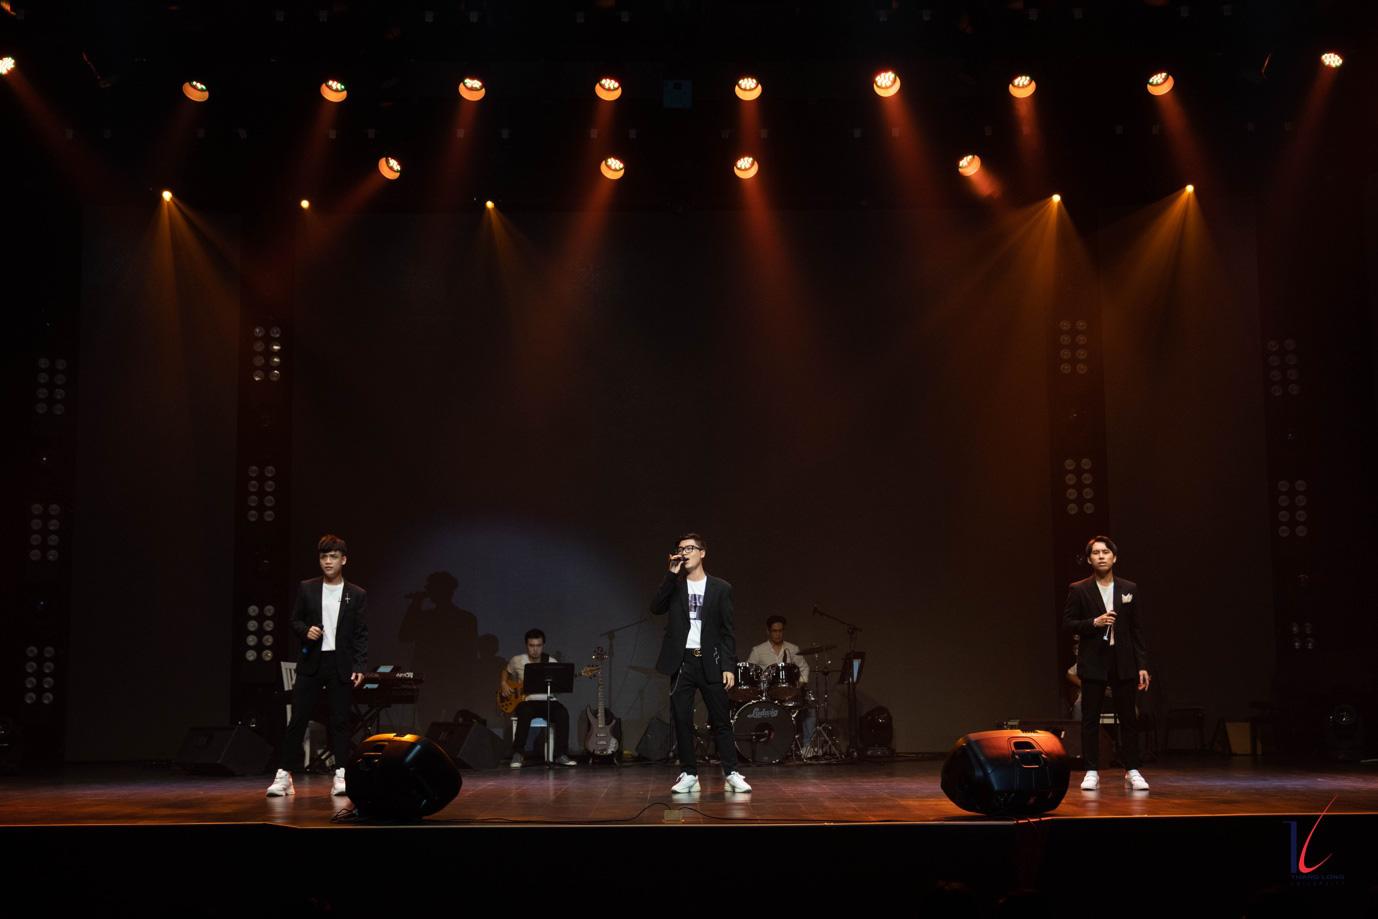 Học tiếng Hàn cùng BTS tại Đại học Thăng Long - Ảnh 7.